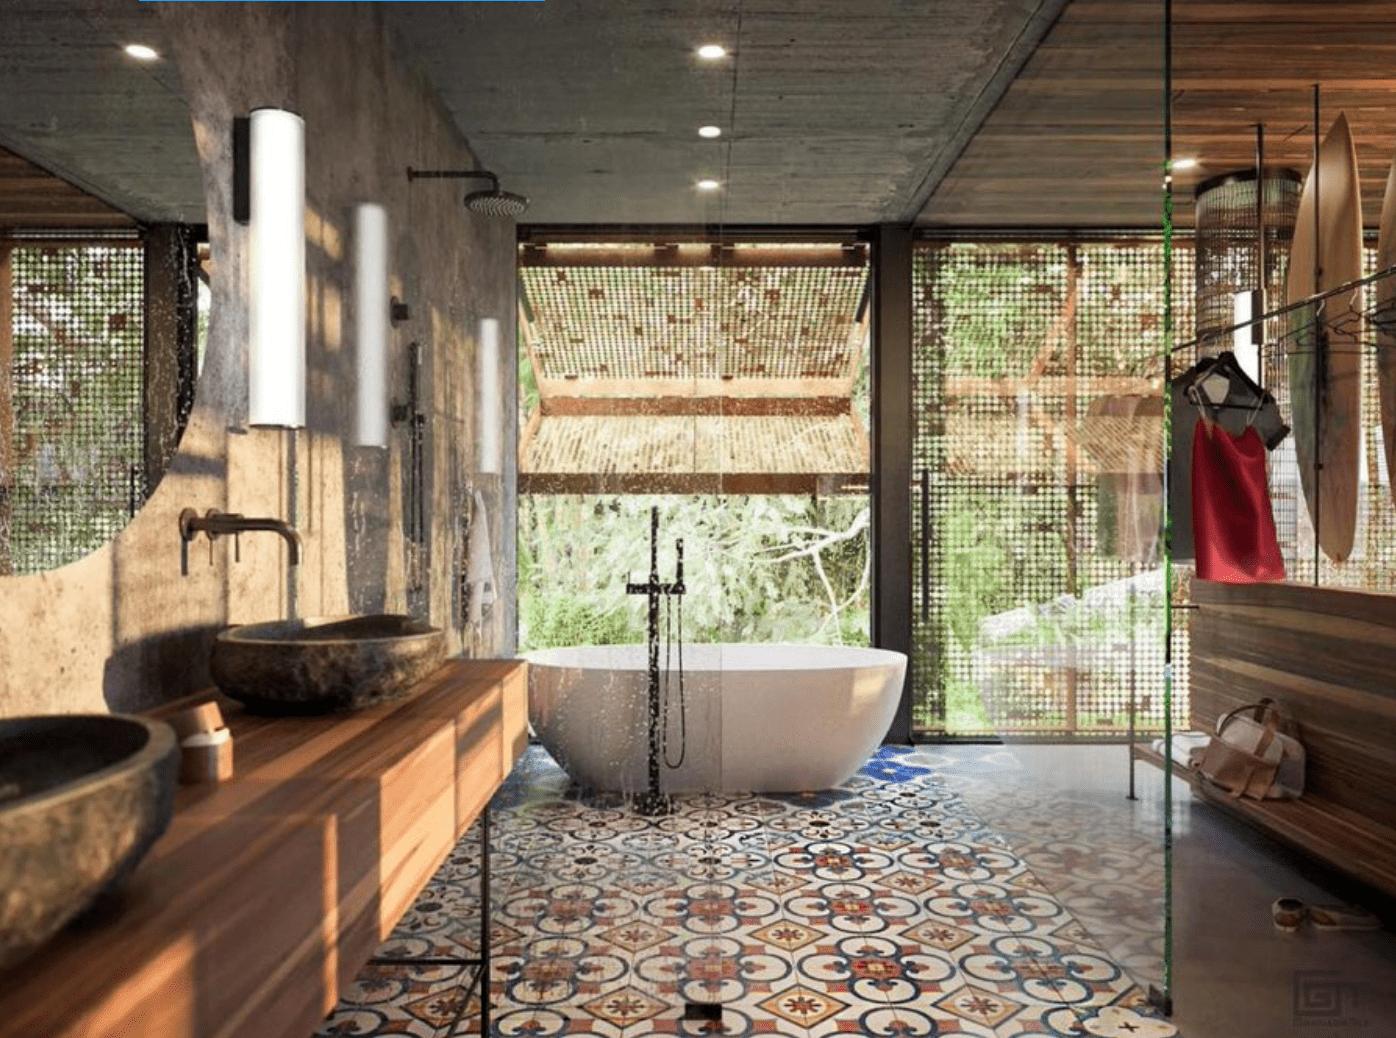 Inspirasi Interior Kamar Mandi Semi Terbuka dengan Konsep Urban Jungle yang Diberi Sentuhan Ubin Klasik